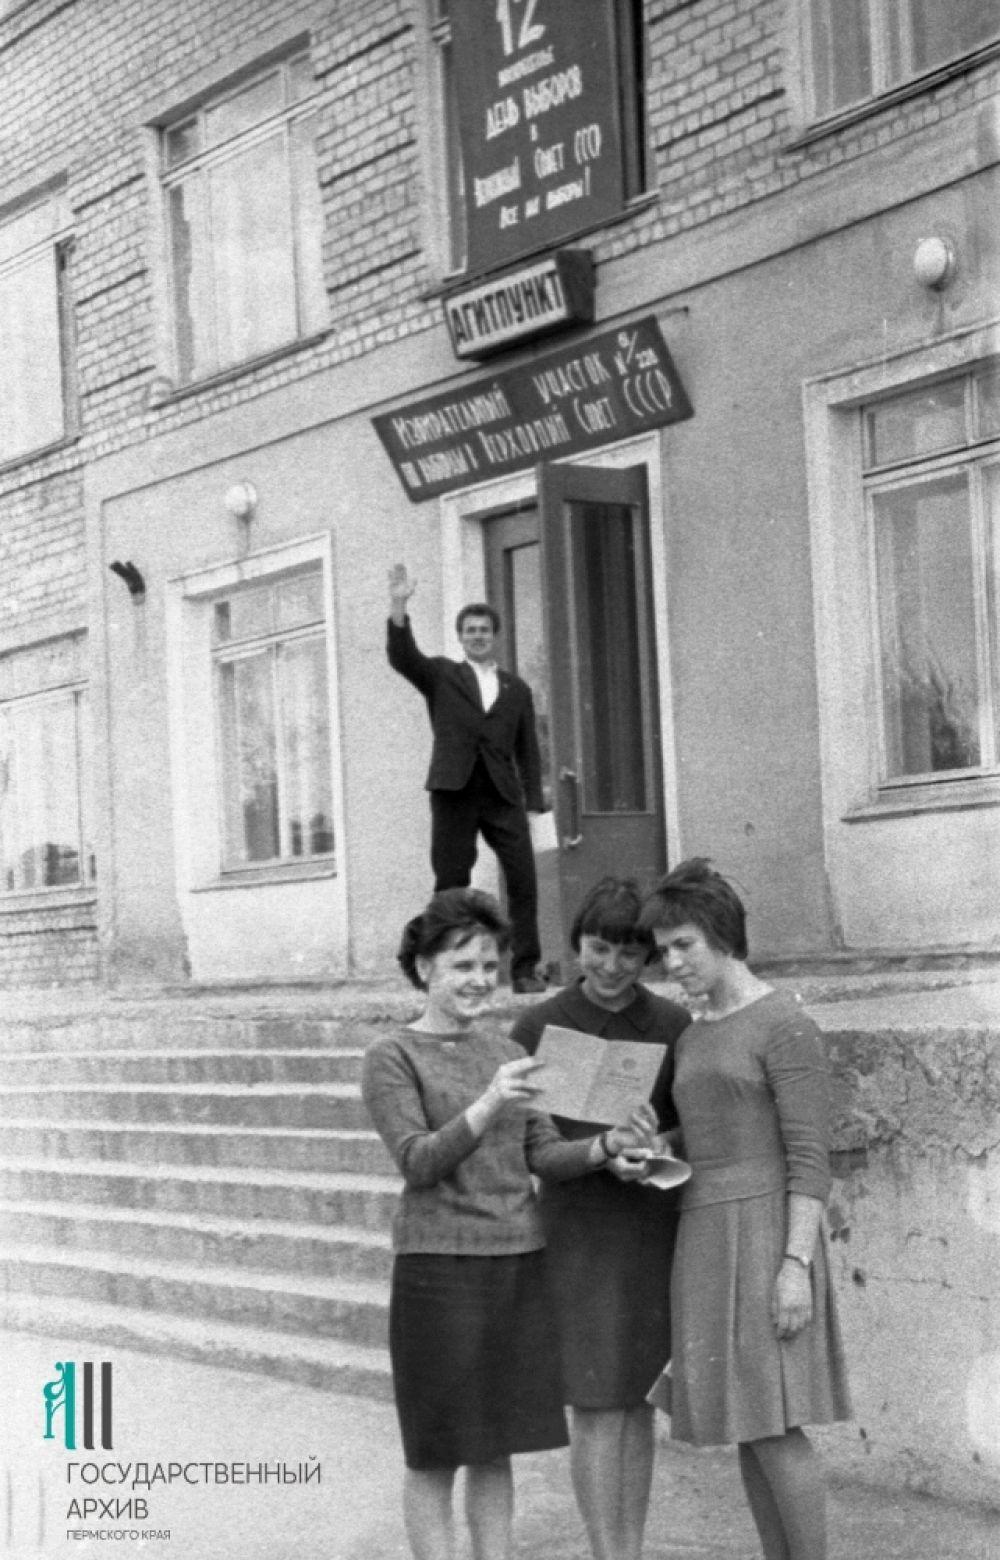 Вид здания пермского пединститута в дни выборов в местные и Верховный Совет СССР, 12 апреля 1966 г.